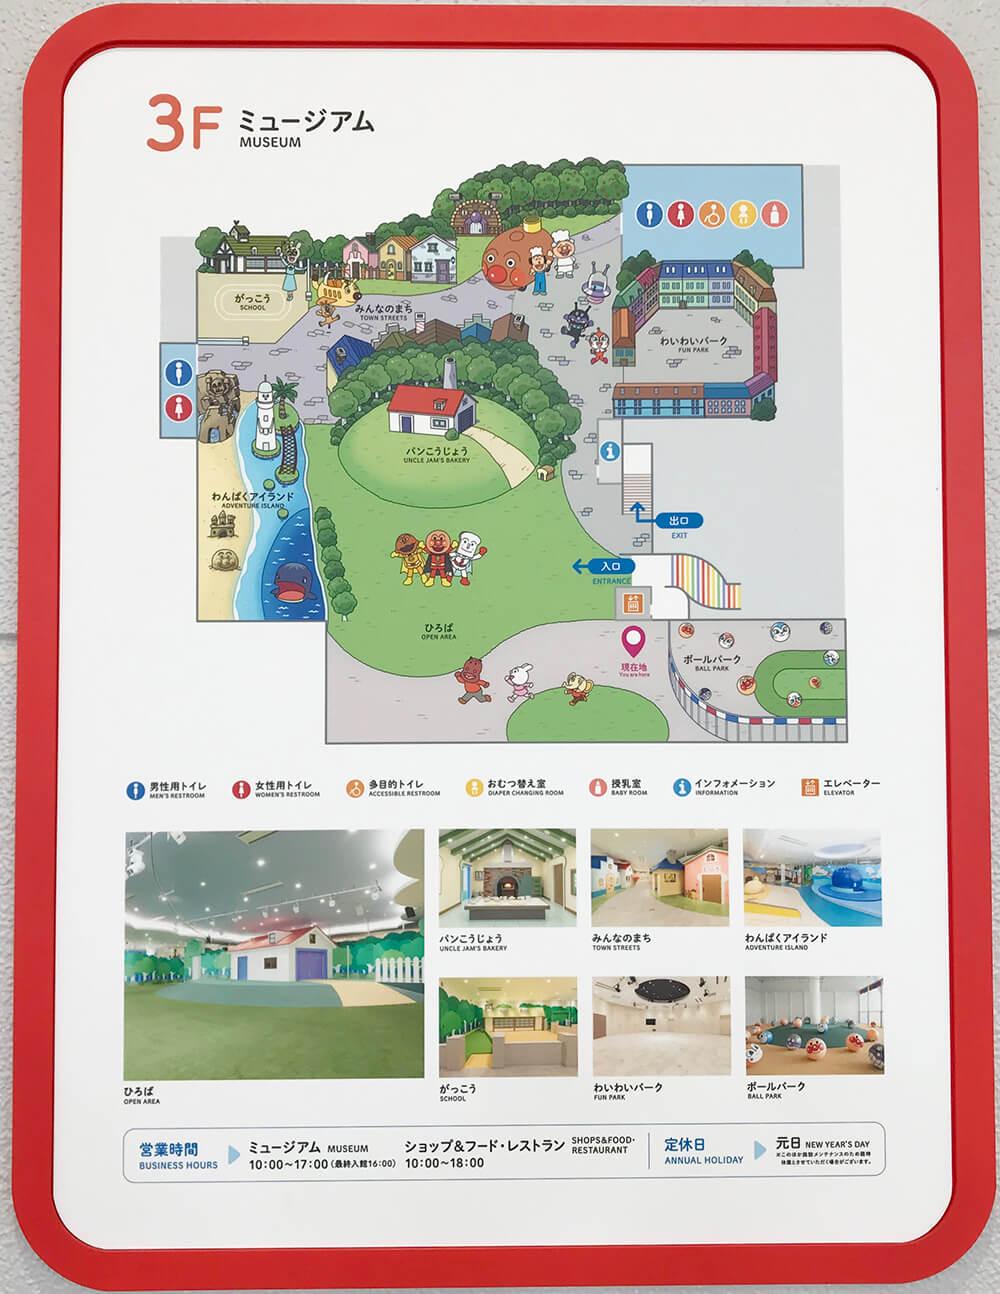 横浜アンパンマンこどもミュージアムのフロアマップ写真